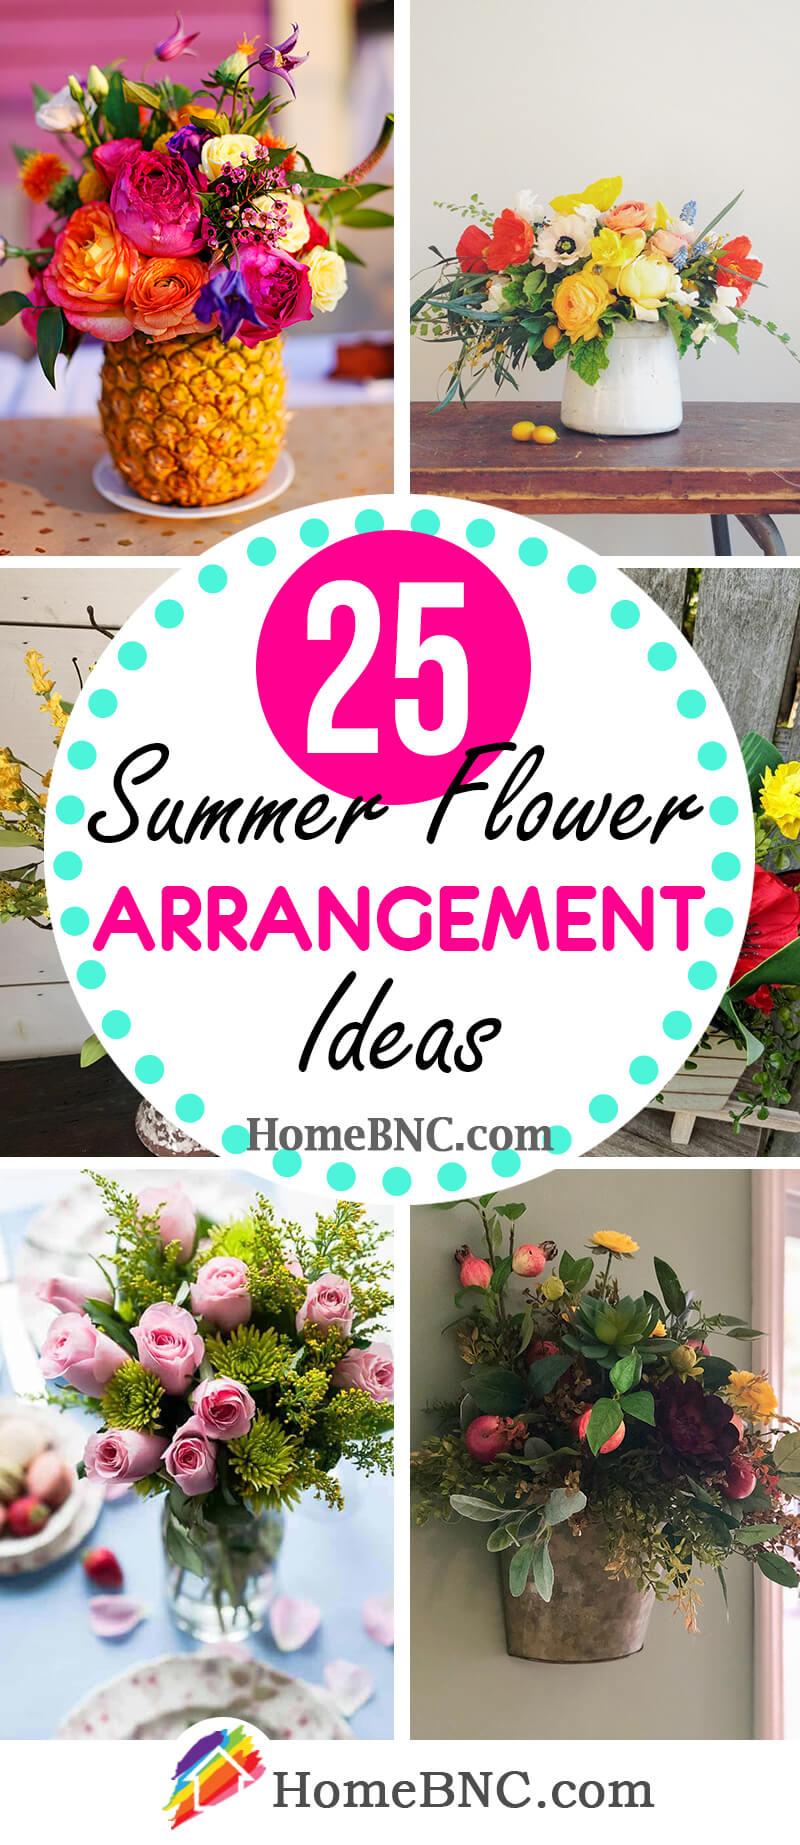 Summer Flower Arrangement Ideas